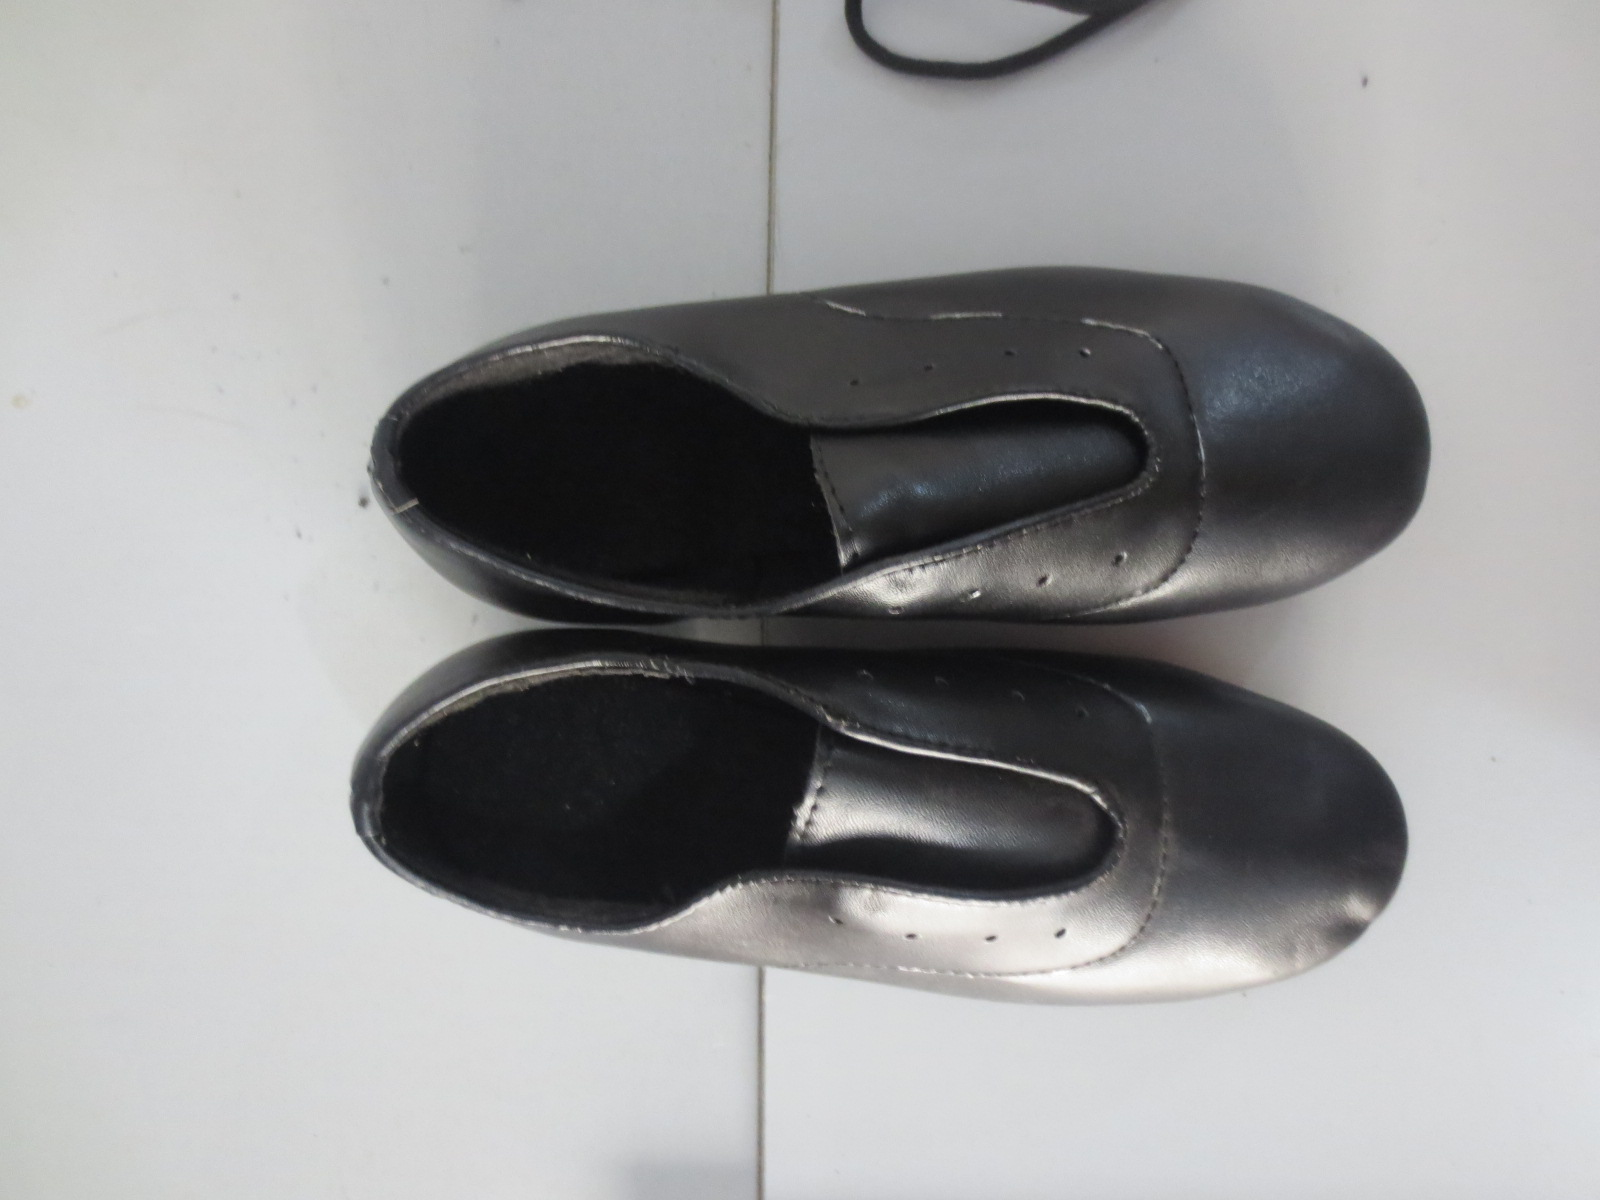 Танцевальная детская обувь Мальчики и девочки танцуют обувь, танцевальная обувь, обувь мальчиков, несколько мужская обувь Мужская мягкого света кожа Латинской обуви